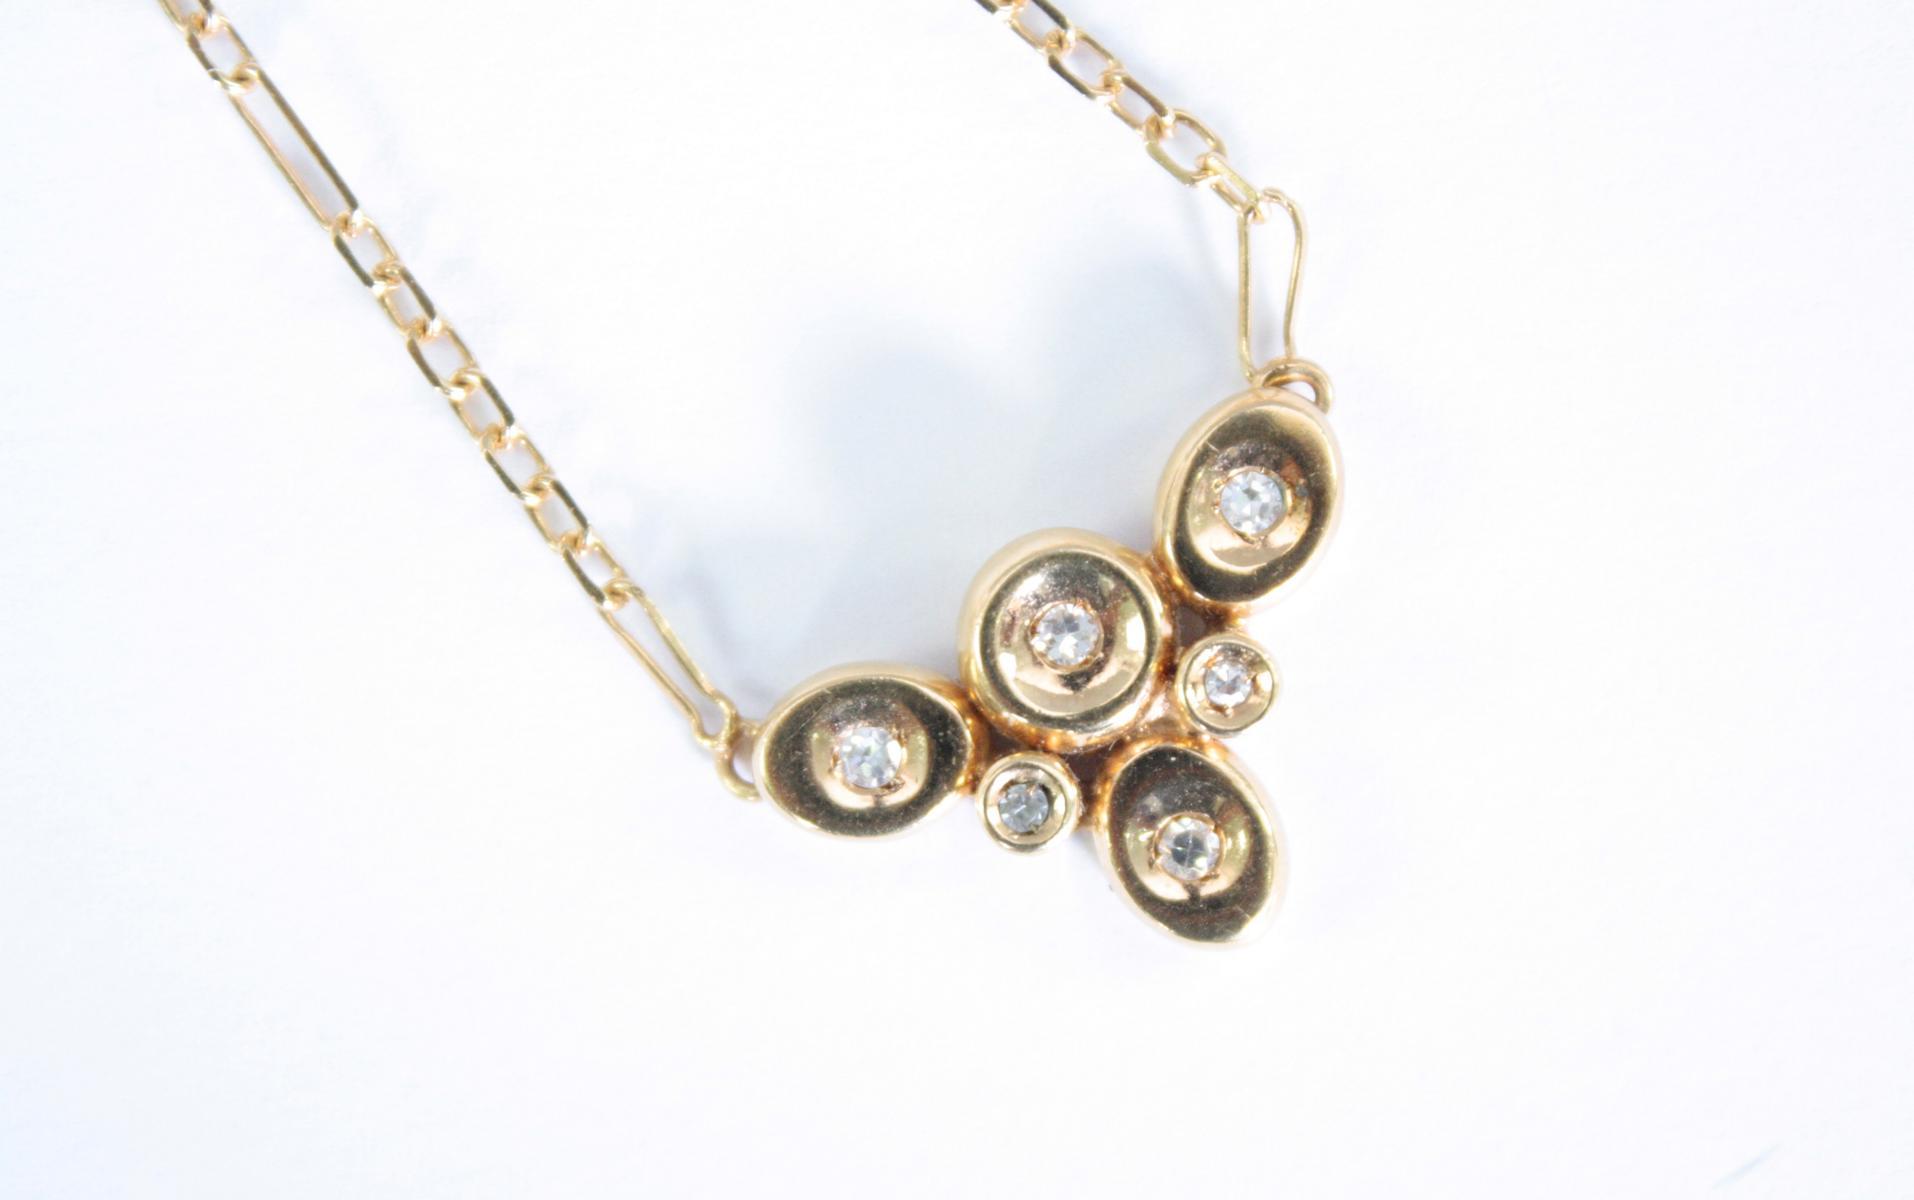 Collier mit Diamanten,  18 Karat Gelbgold-2